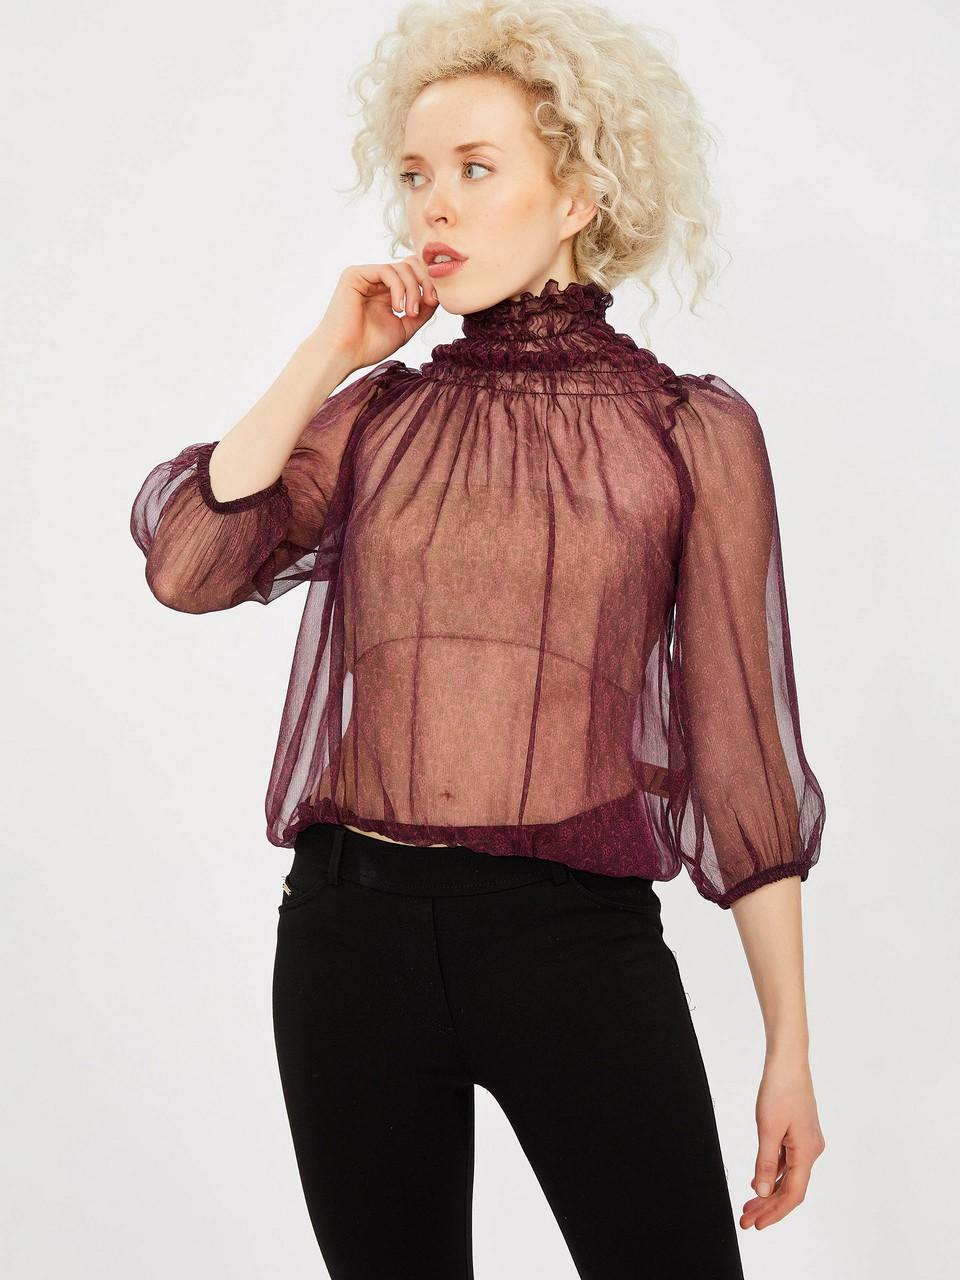 Collar Shirt Chiffon Blouse